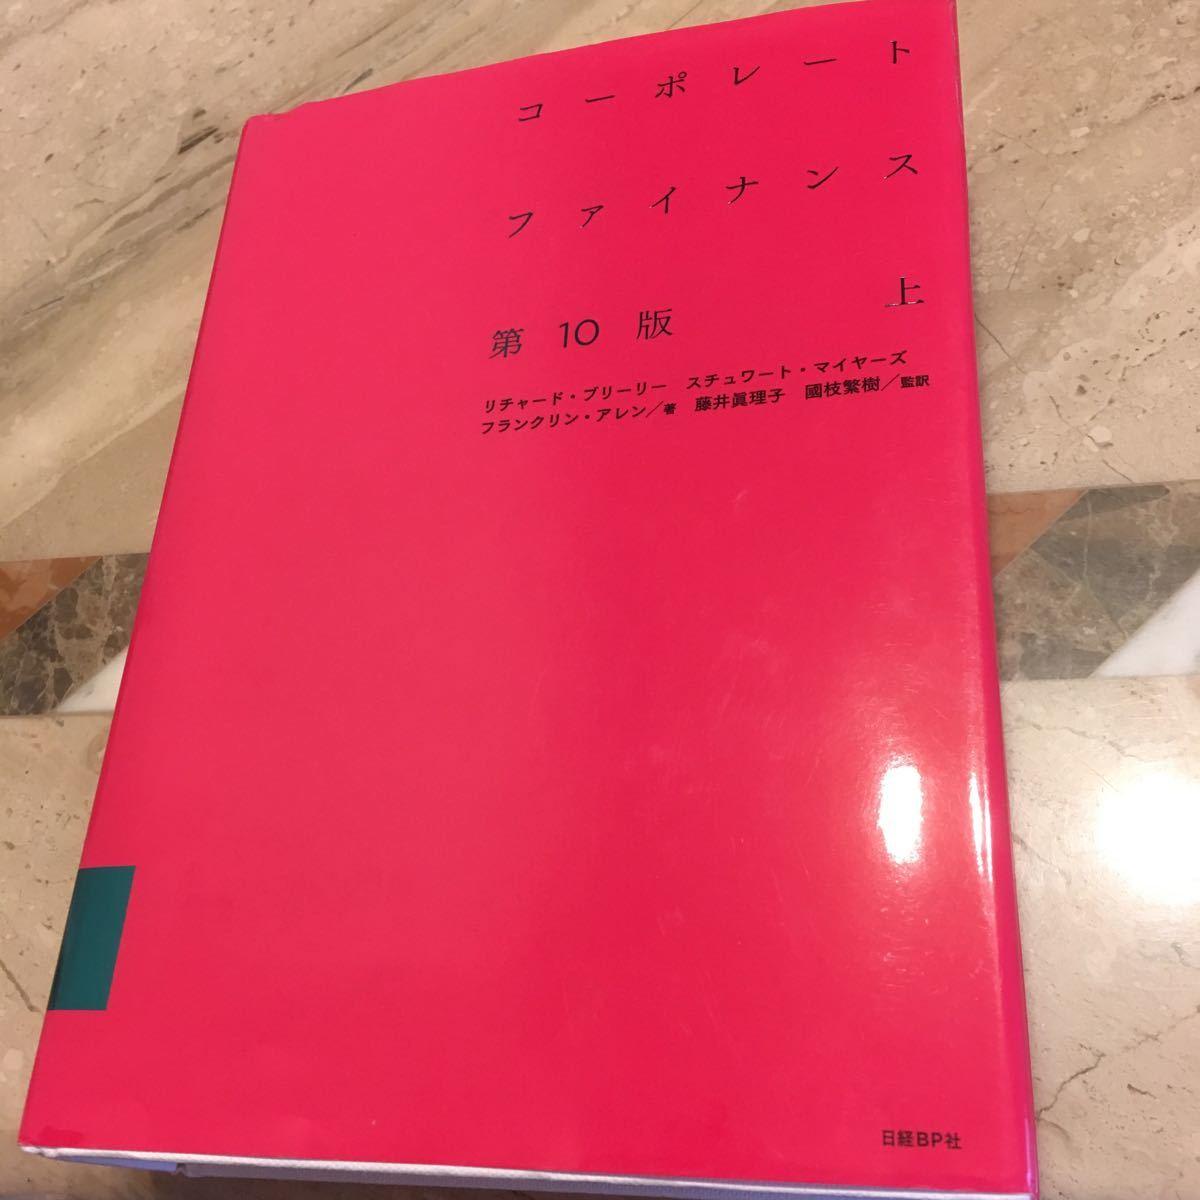 ☆美品☆コーポレートファイナンス 第10版(上) リチャード・A.ブリーリー☆MBA☆